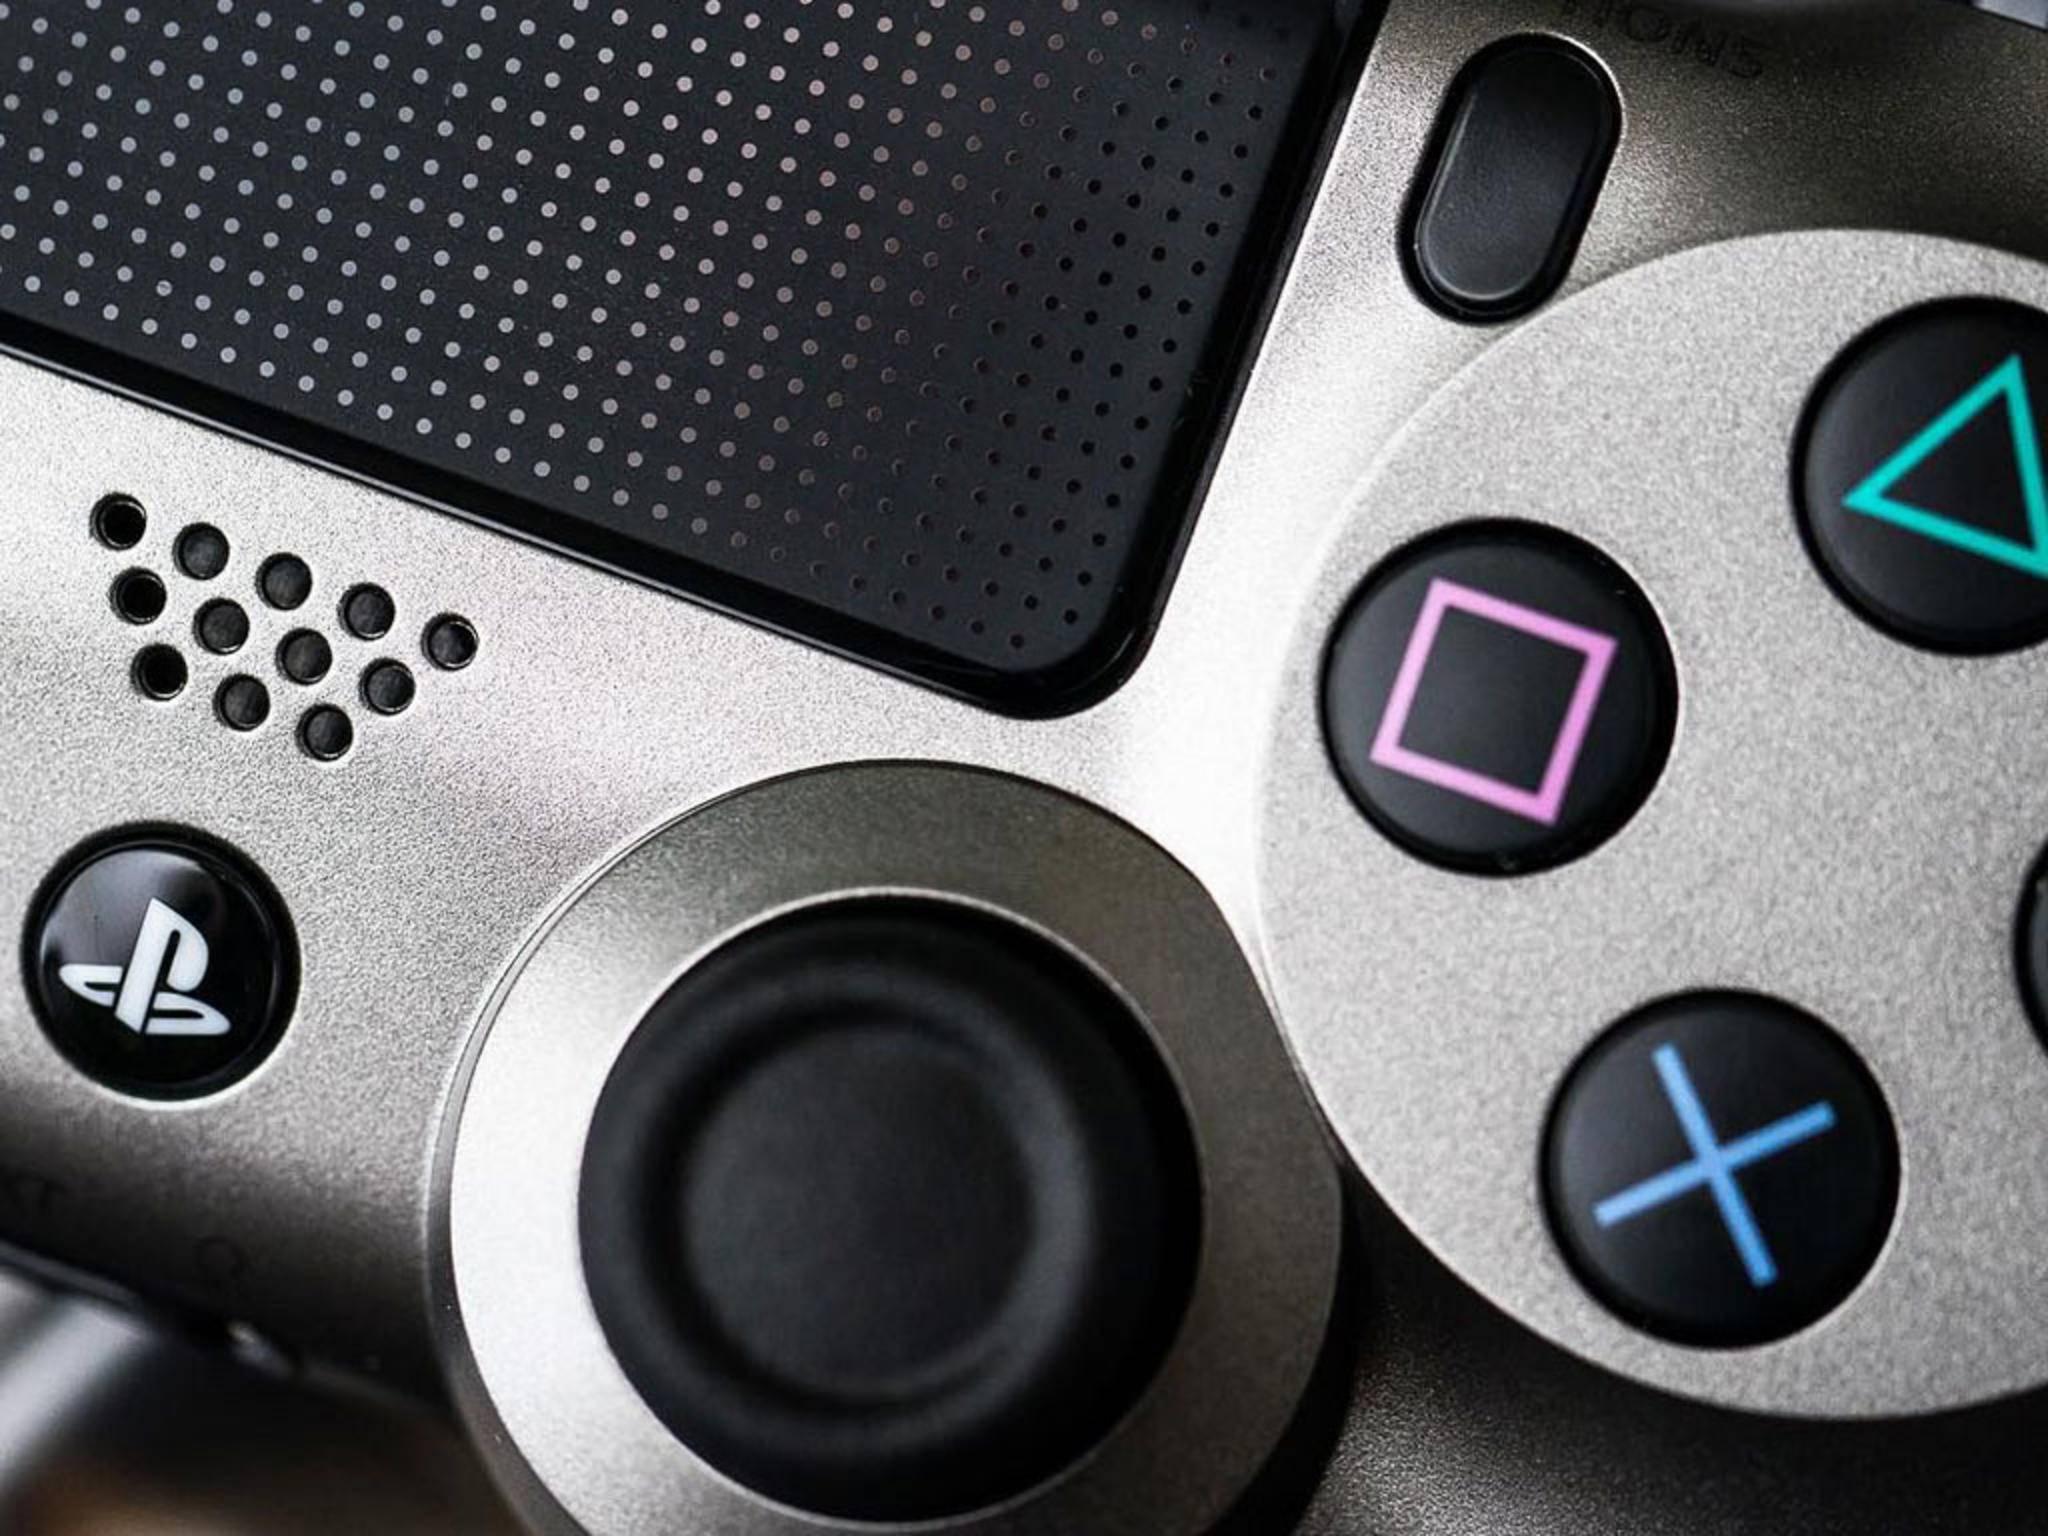 Kommt die PS4 Neo mit neuem Controller?